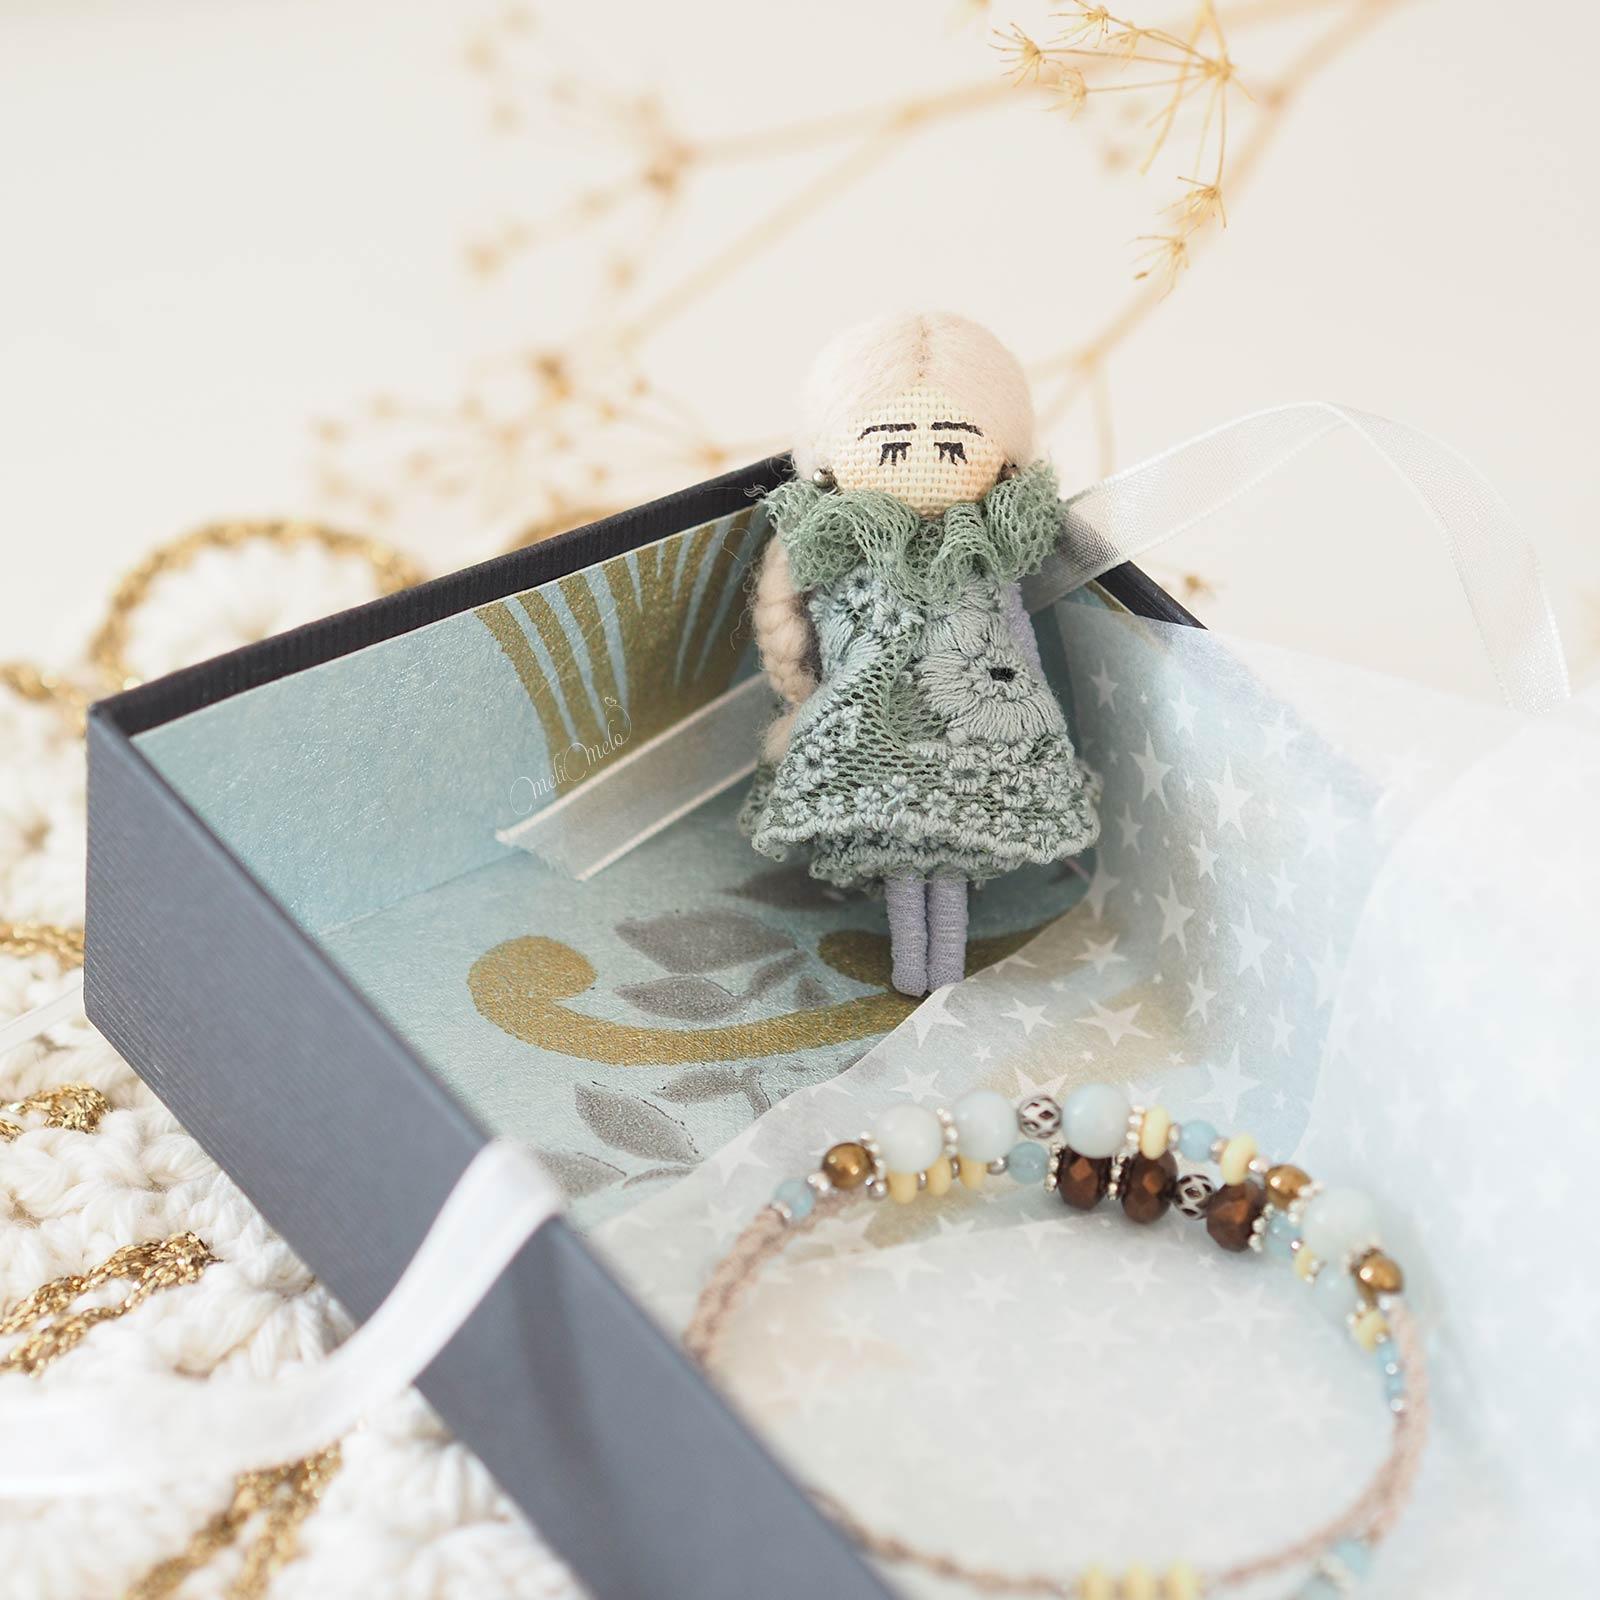 artisanat-poupee-dentelle-bracelet-macrame-pierre-fine-amazonite-cristal-boheme-laboutiquedemelimelo